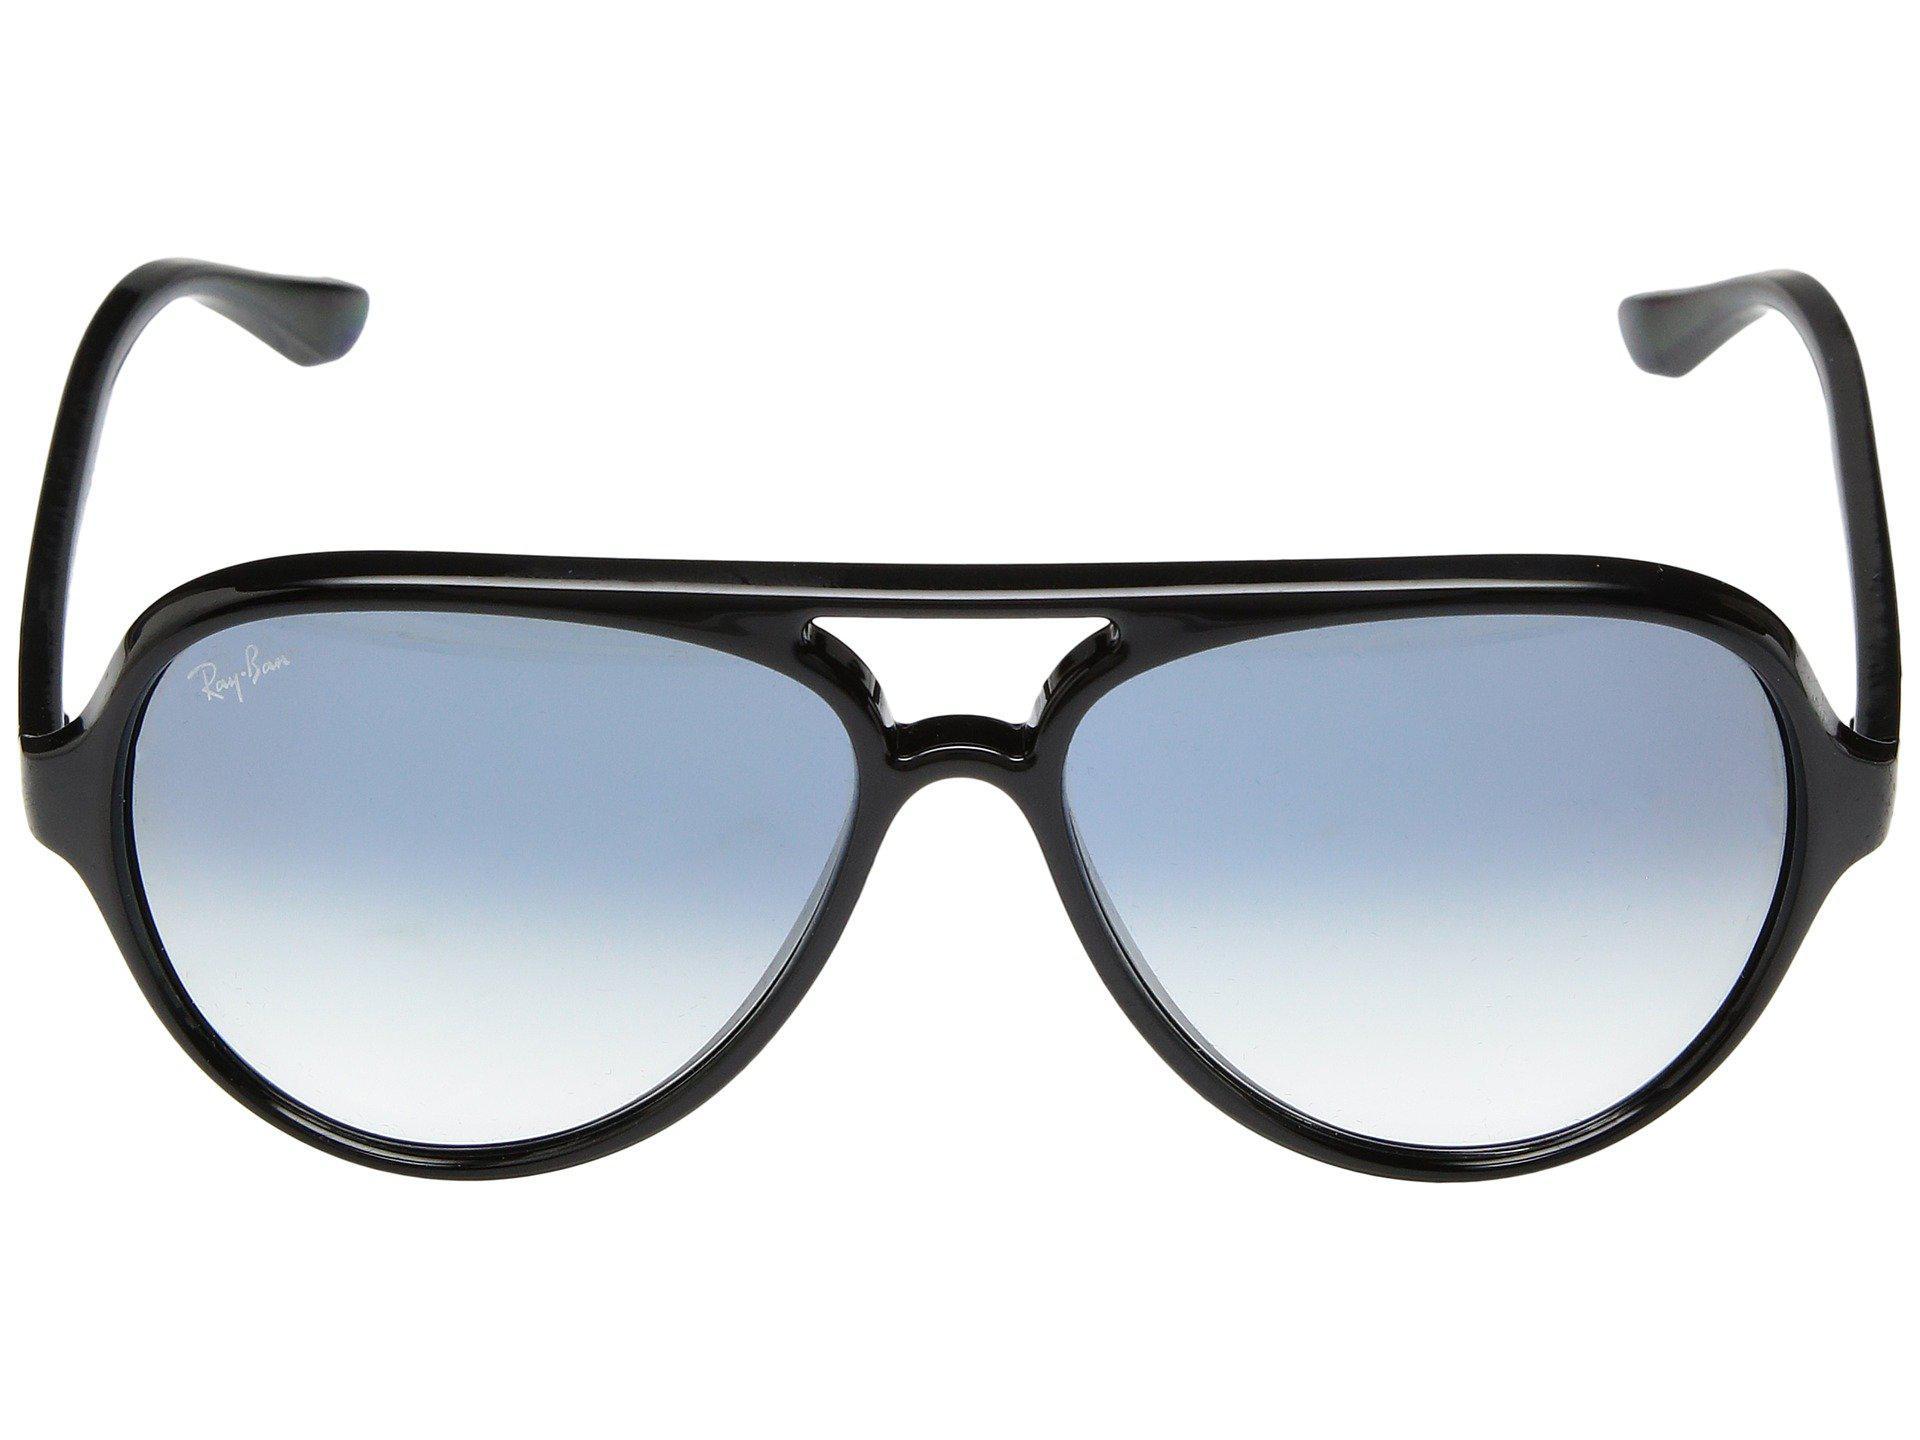 96e00d062c Ray-Ban - Cats 5000 Rb4125 59mm (black light Blue Gradient) Fashion. View  fullscreen